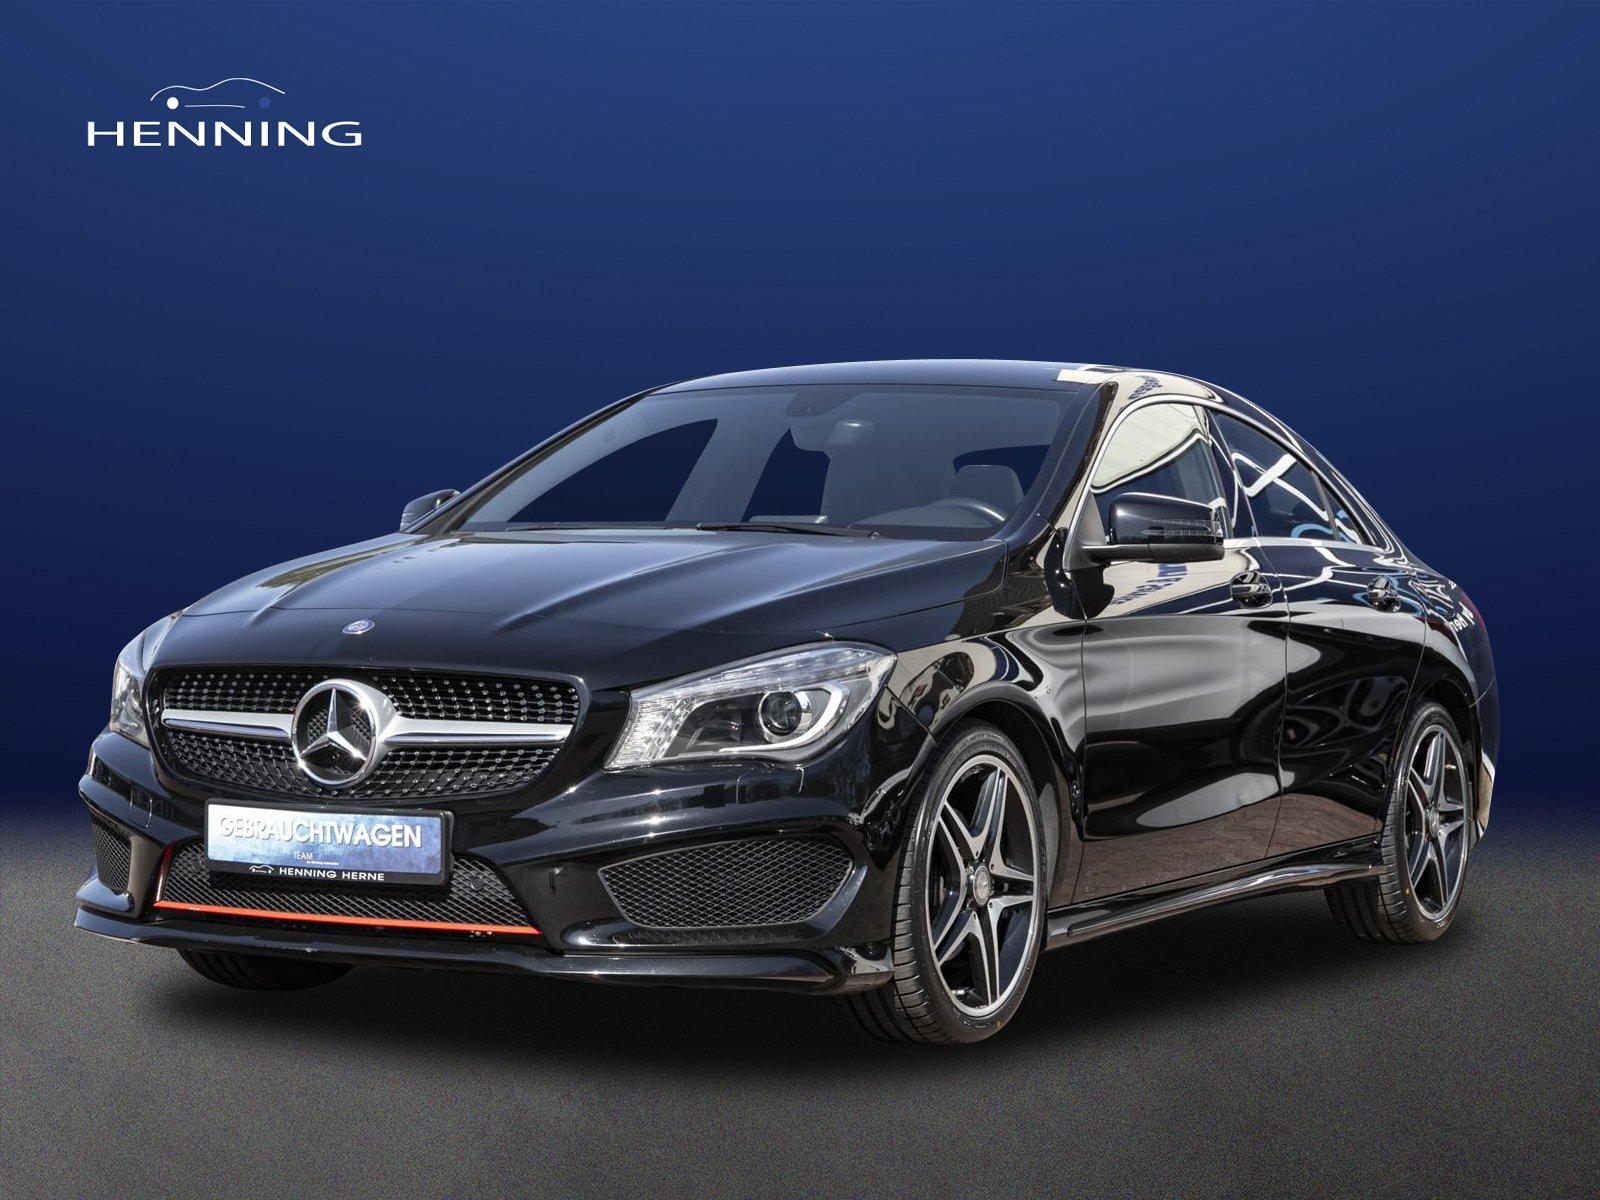 Mercedes-Benz CLA 180 AMG*KAMERA*Winterräder*Navi*Xenon*uvm.., Jahr 2014, Benzin